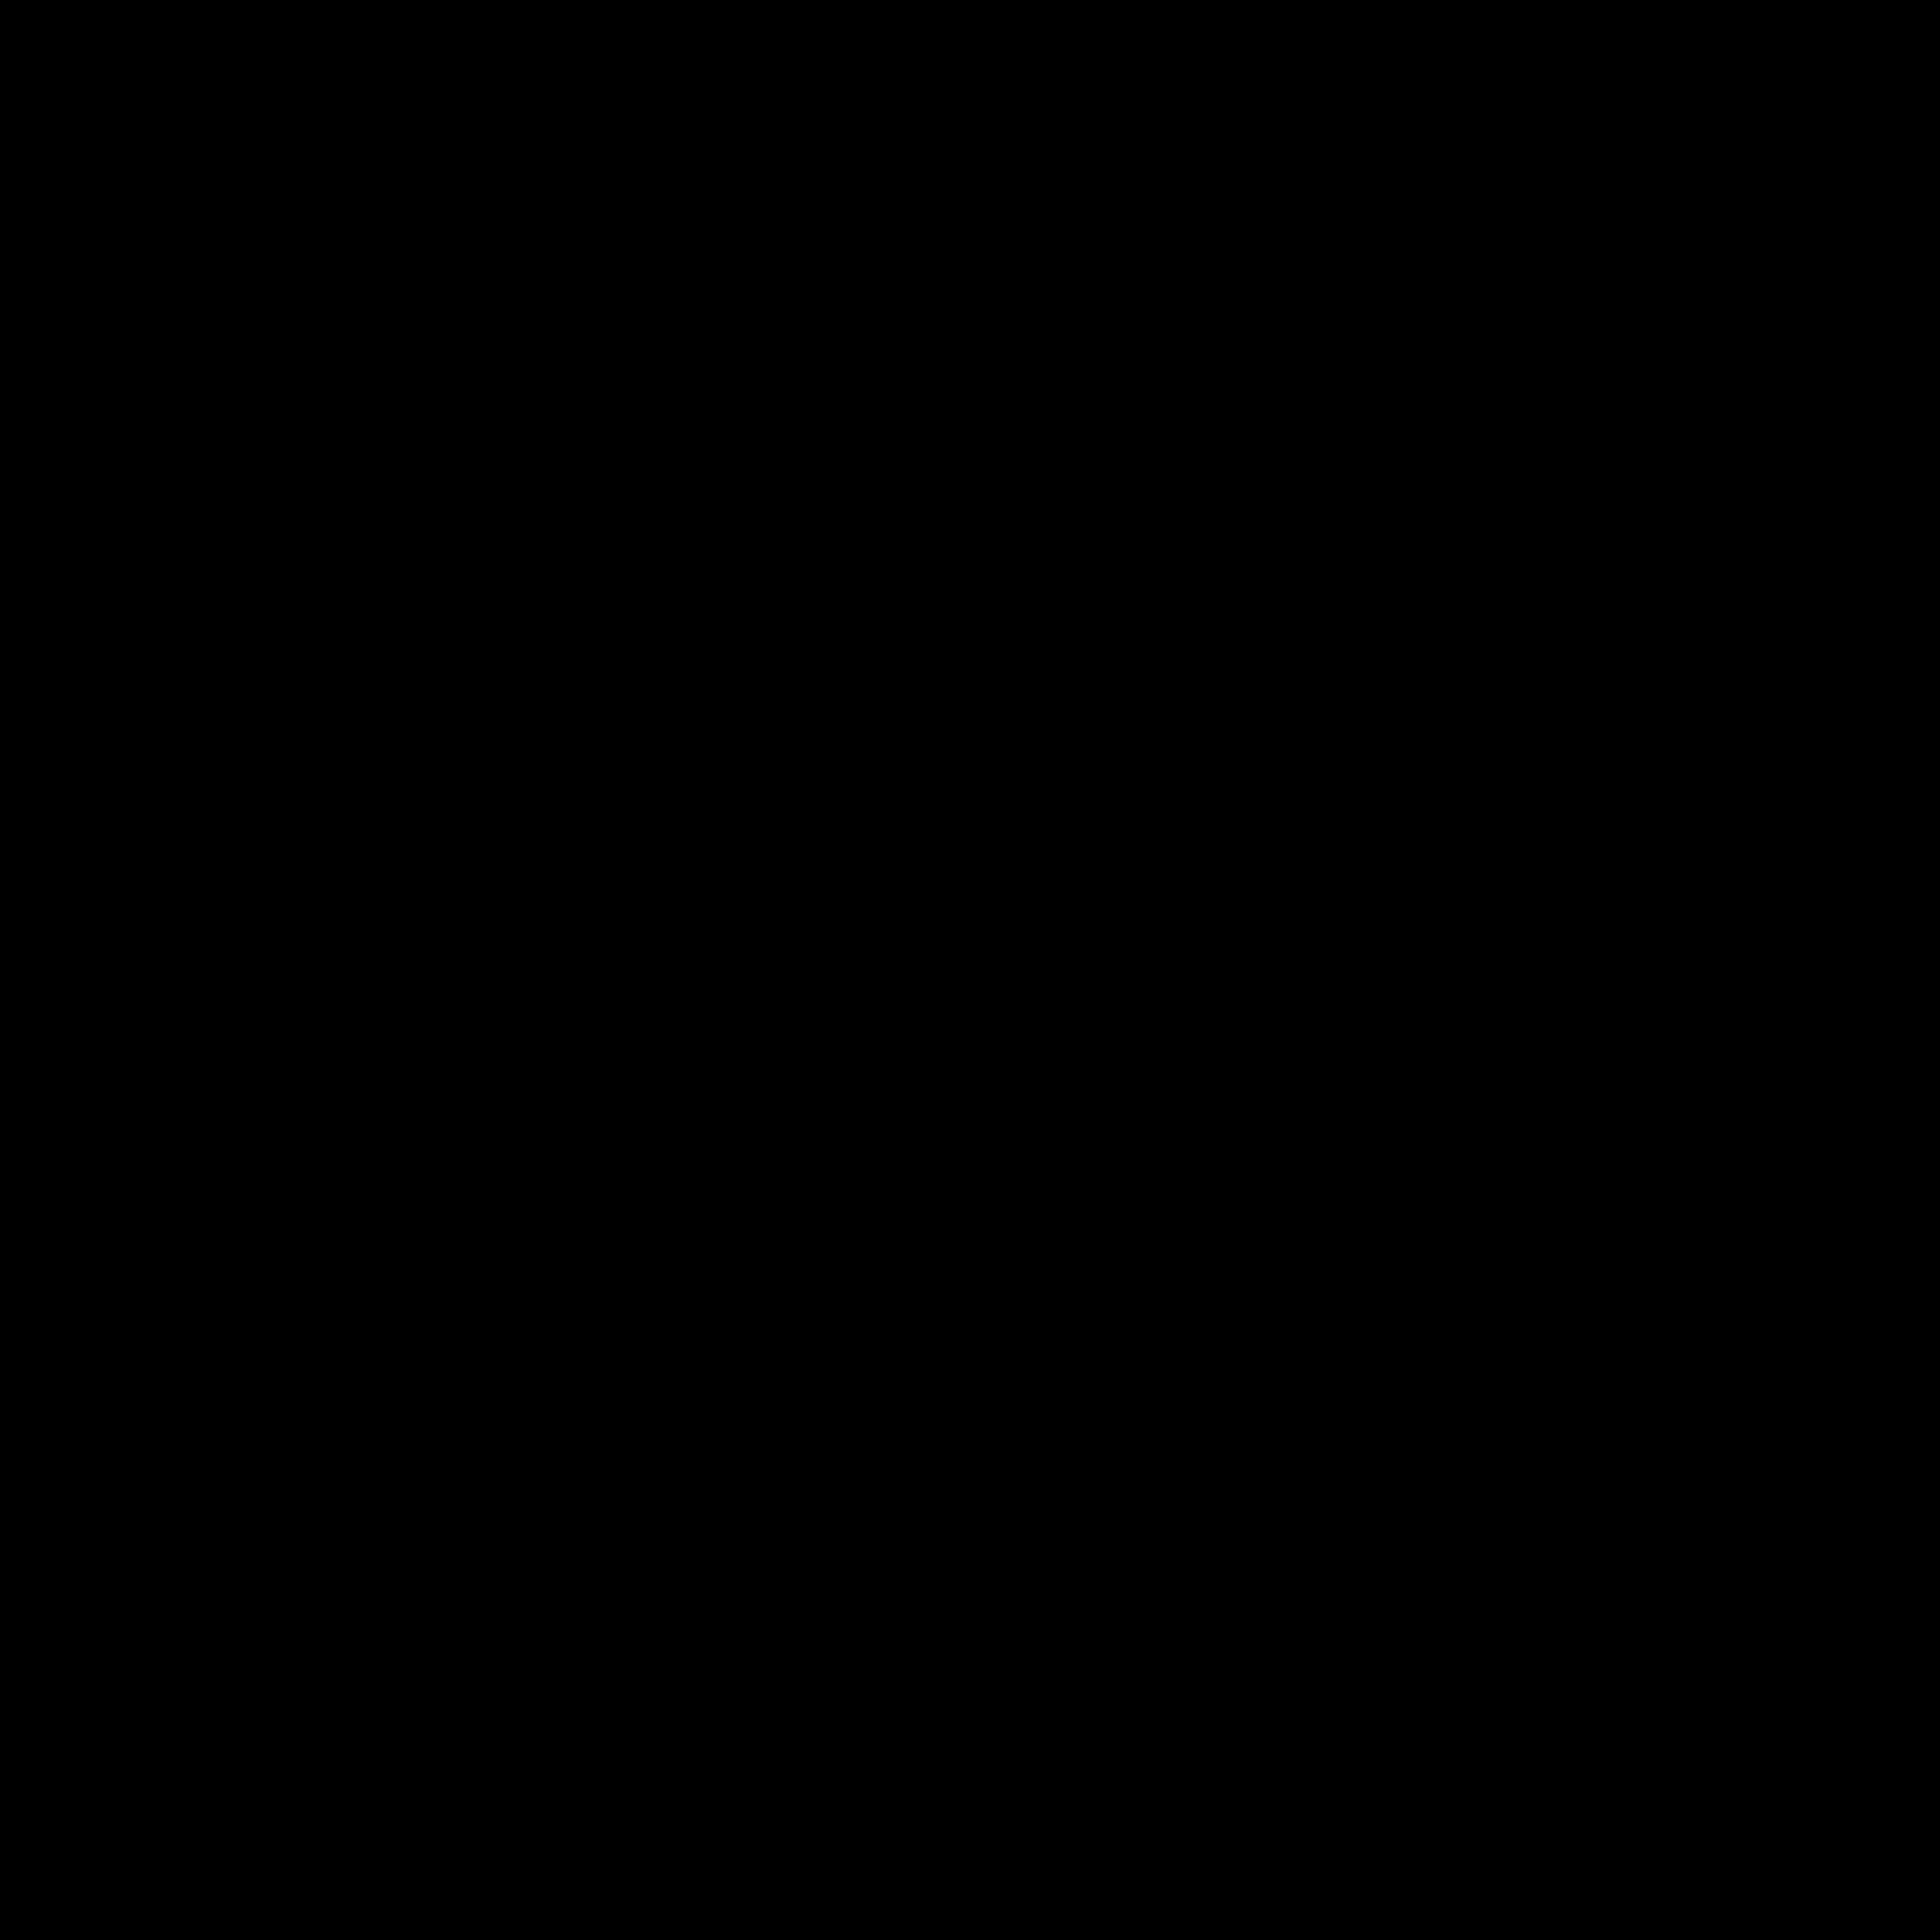 Younique Designs